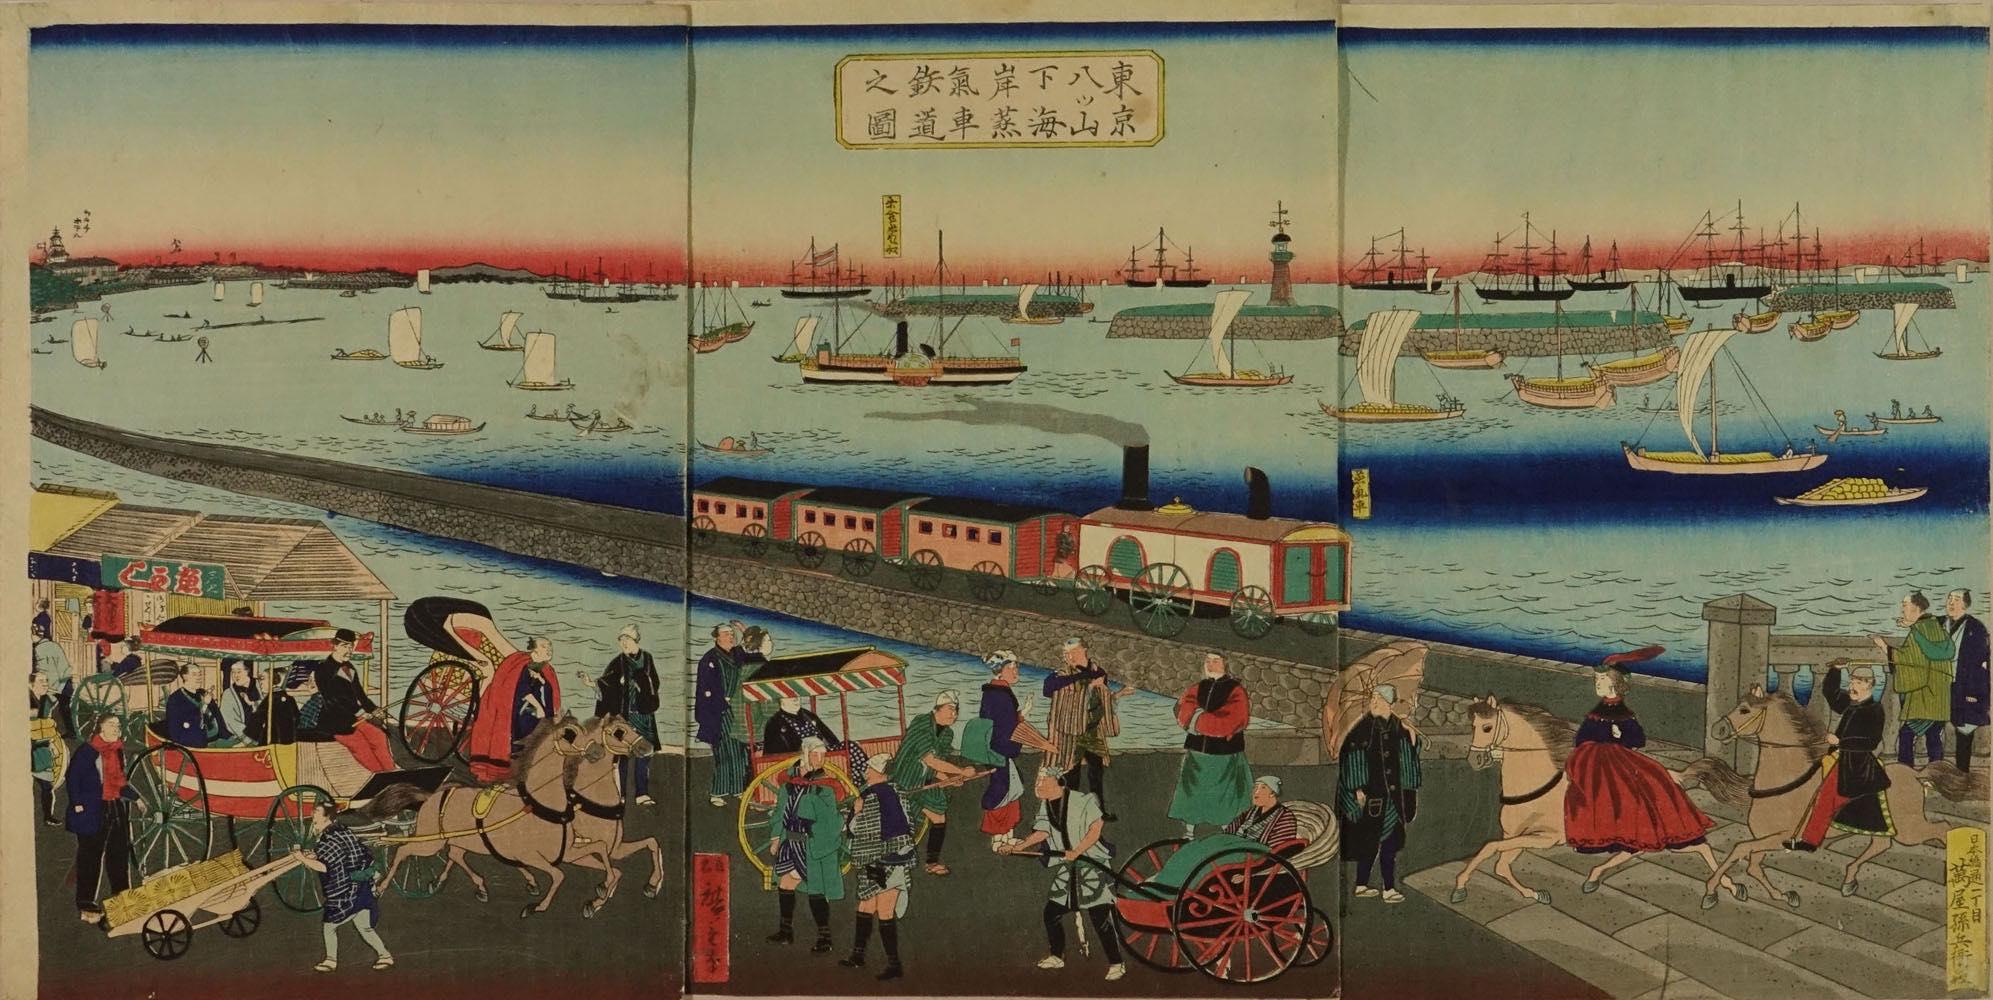 広重三代 東京ハツ山下海岸 蒸気車鉄道之図